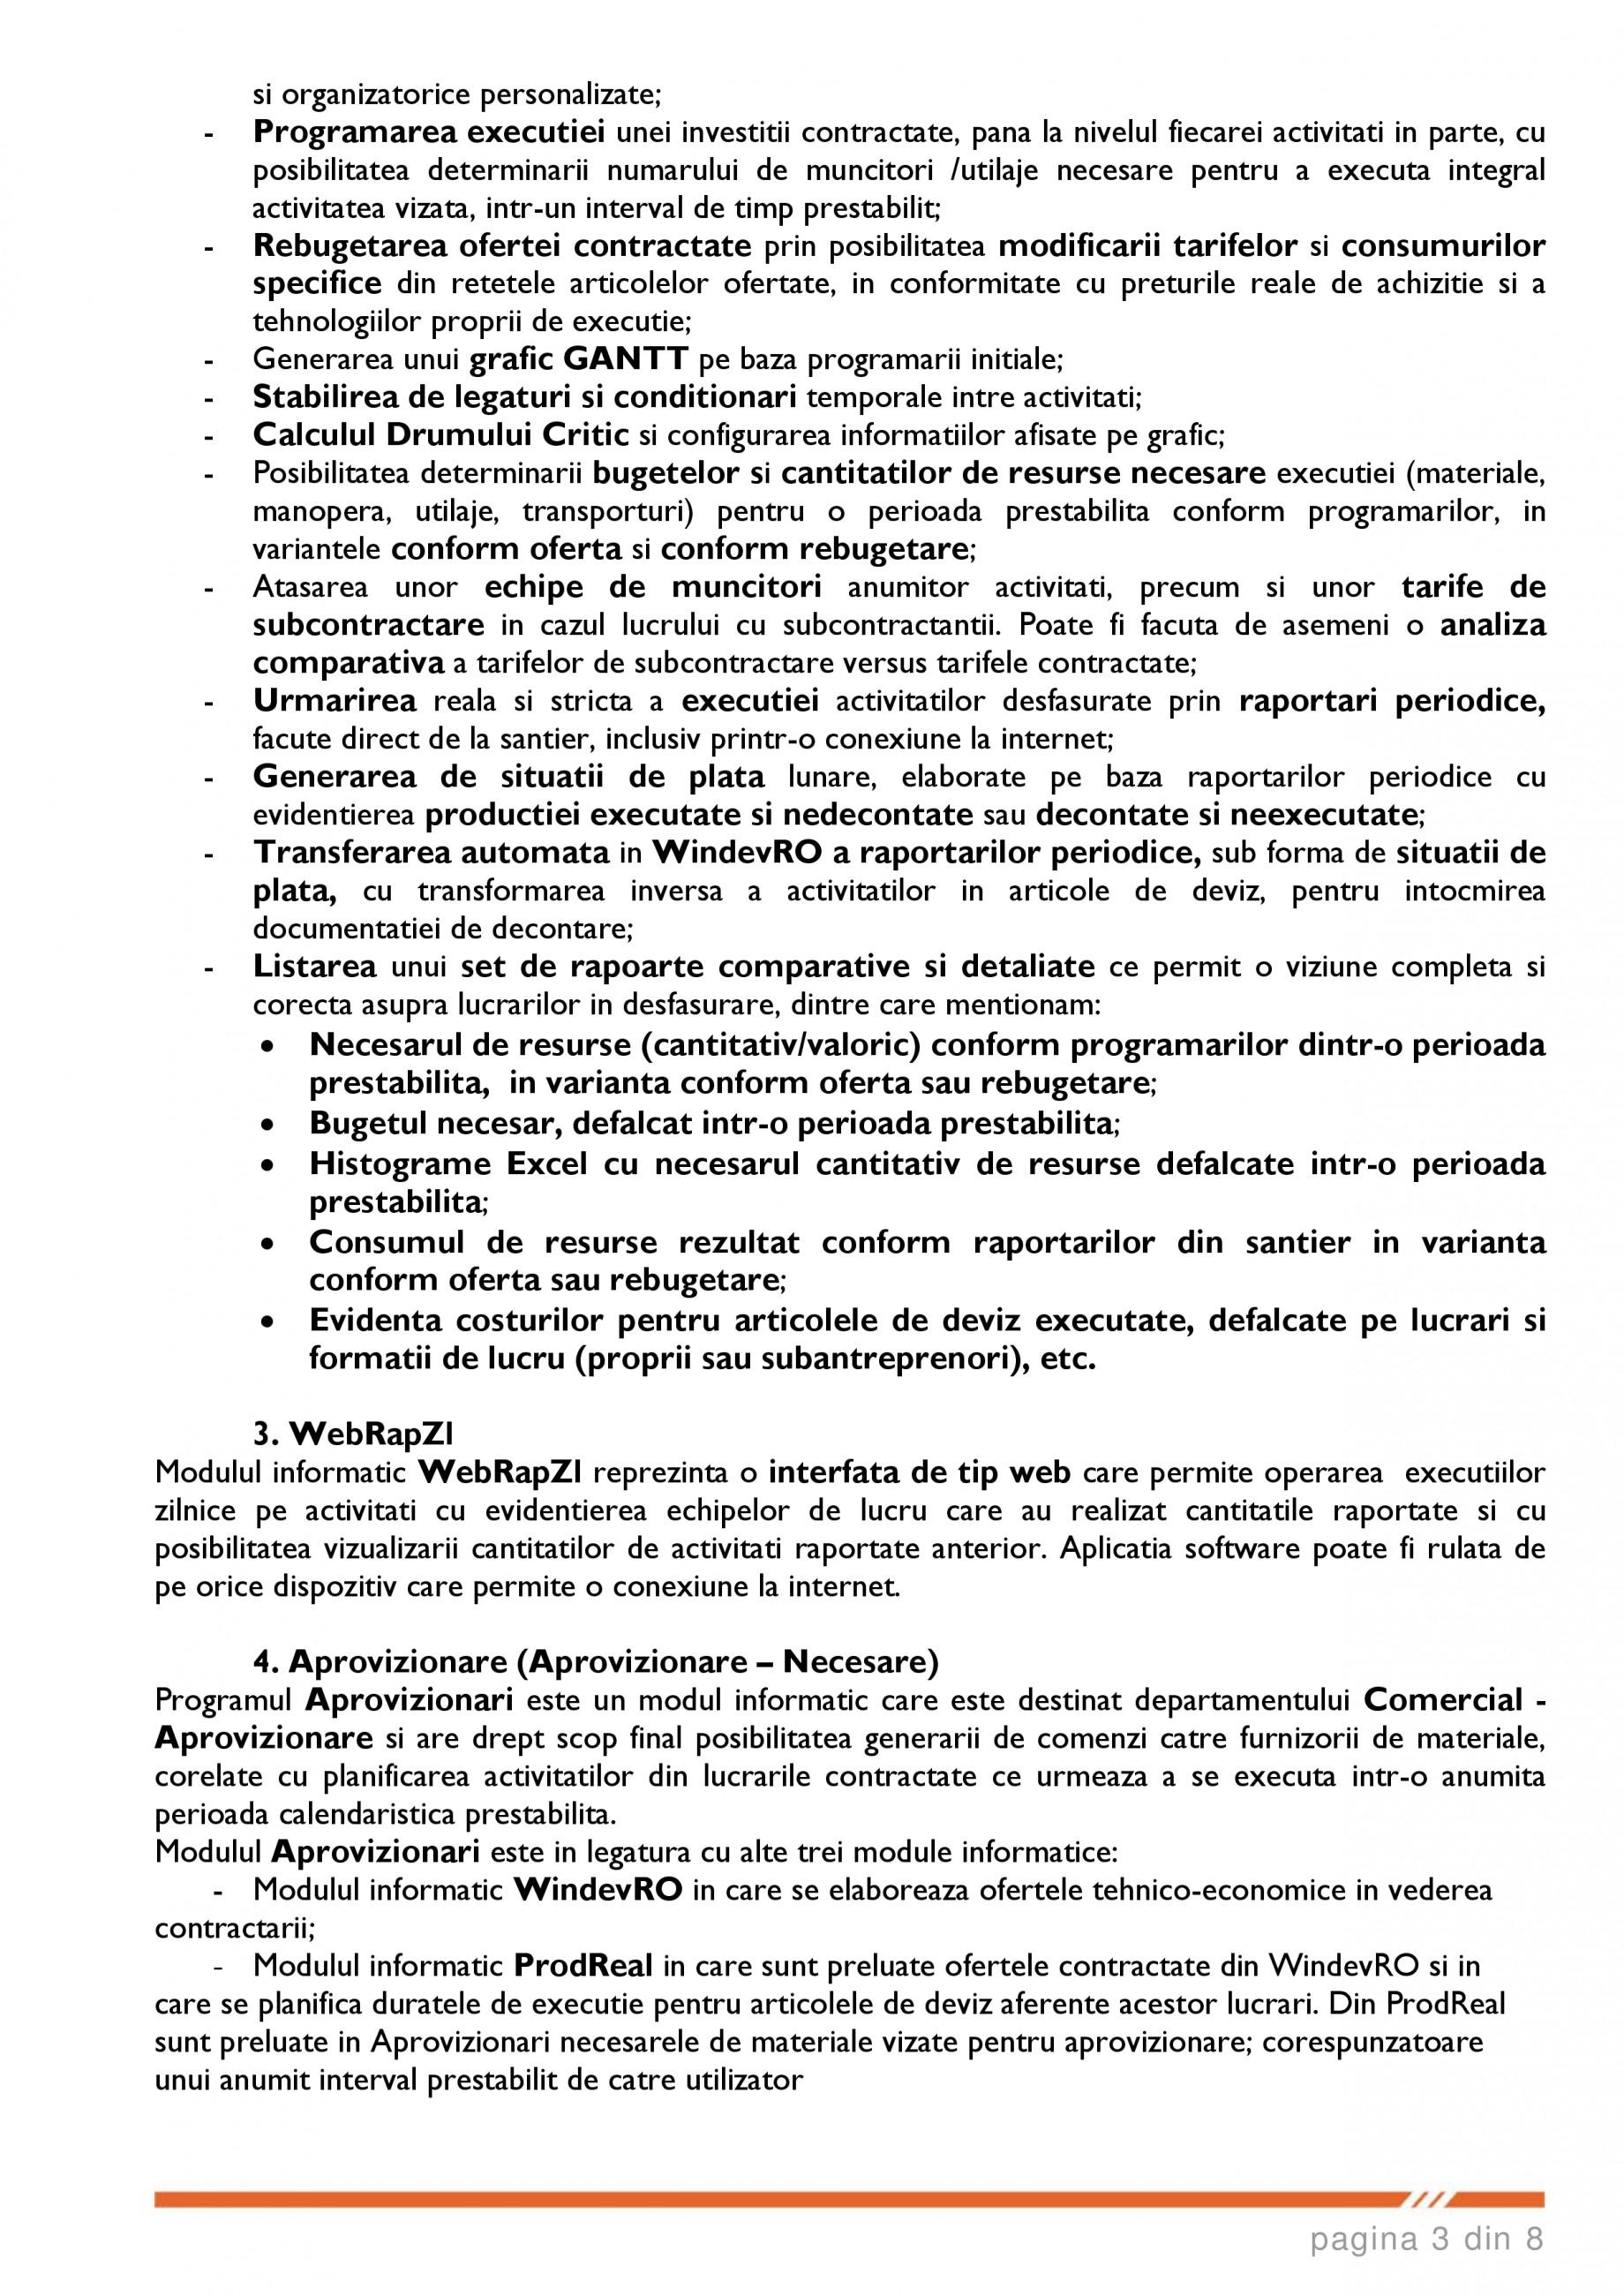 Catalog, brosura SCOP-C - Sistem pentru conducerea si organizarea productiei in constructii si instalatii SOFTEH PLUS Sistemul ERP - Planificarea Resurselor Intreprinderii SOFTEH PLUS  - Pagina 3